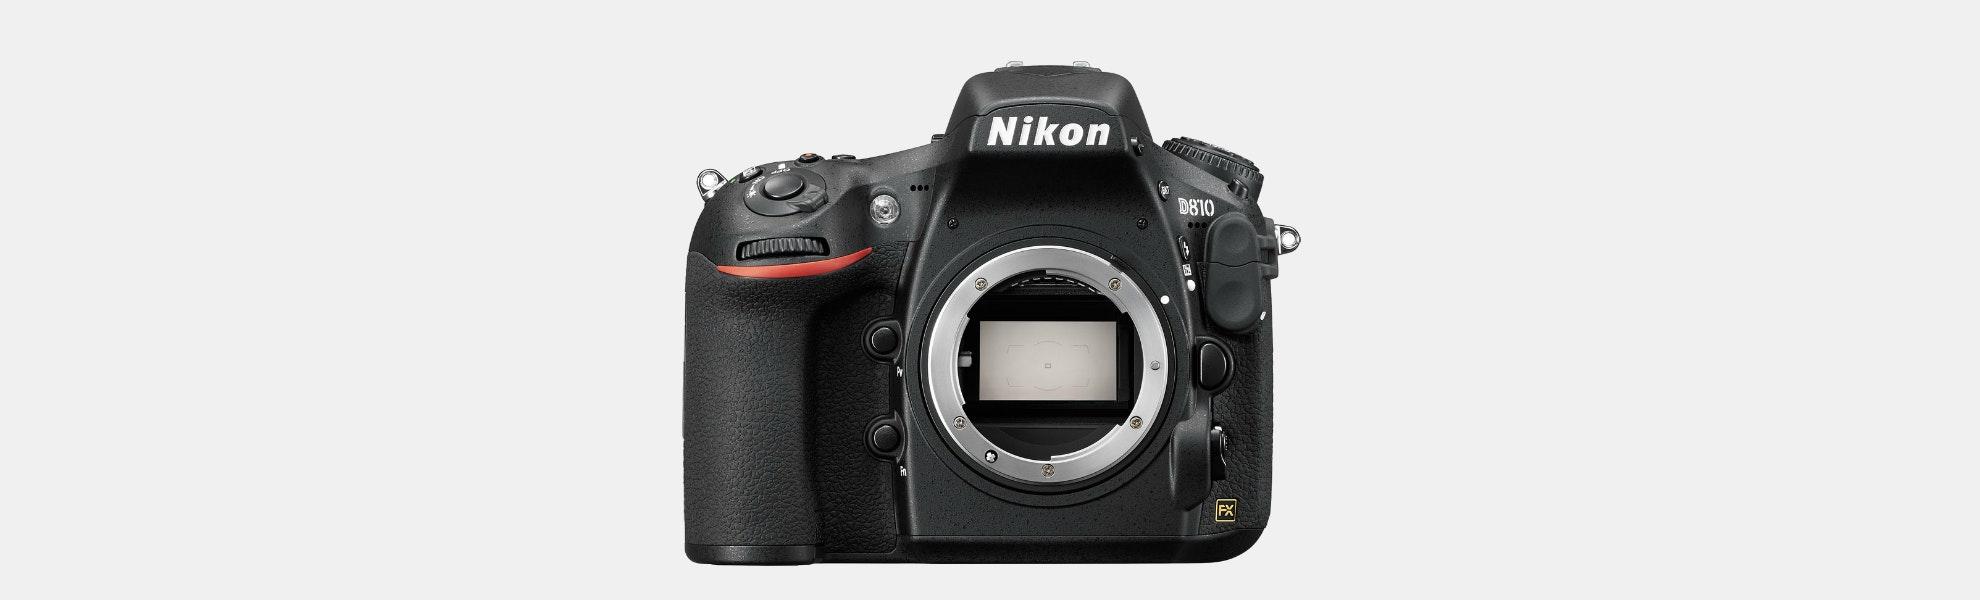 Nikon D810 FX-format DSLR  (Certified Refurbished )